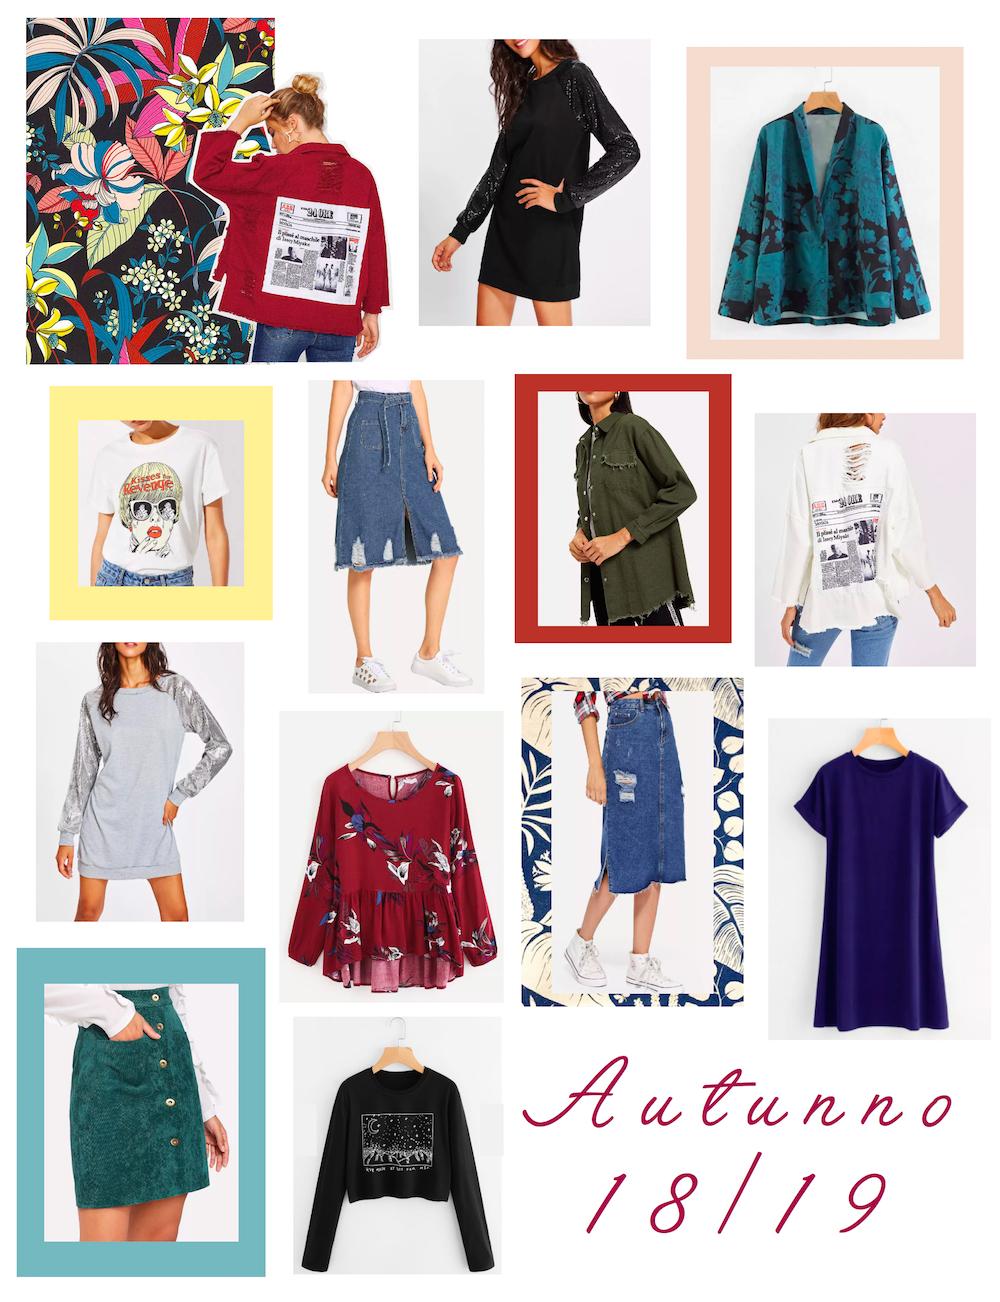 Inverno 2018 roupas Certo.006.jpg